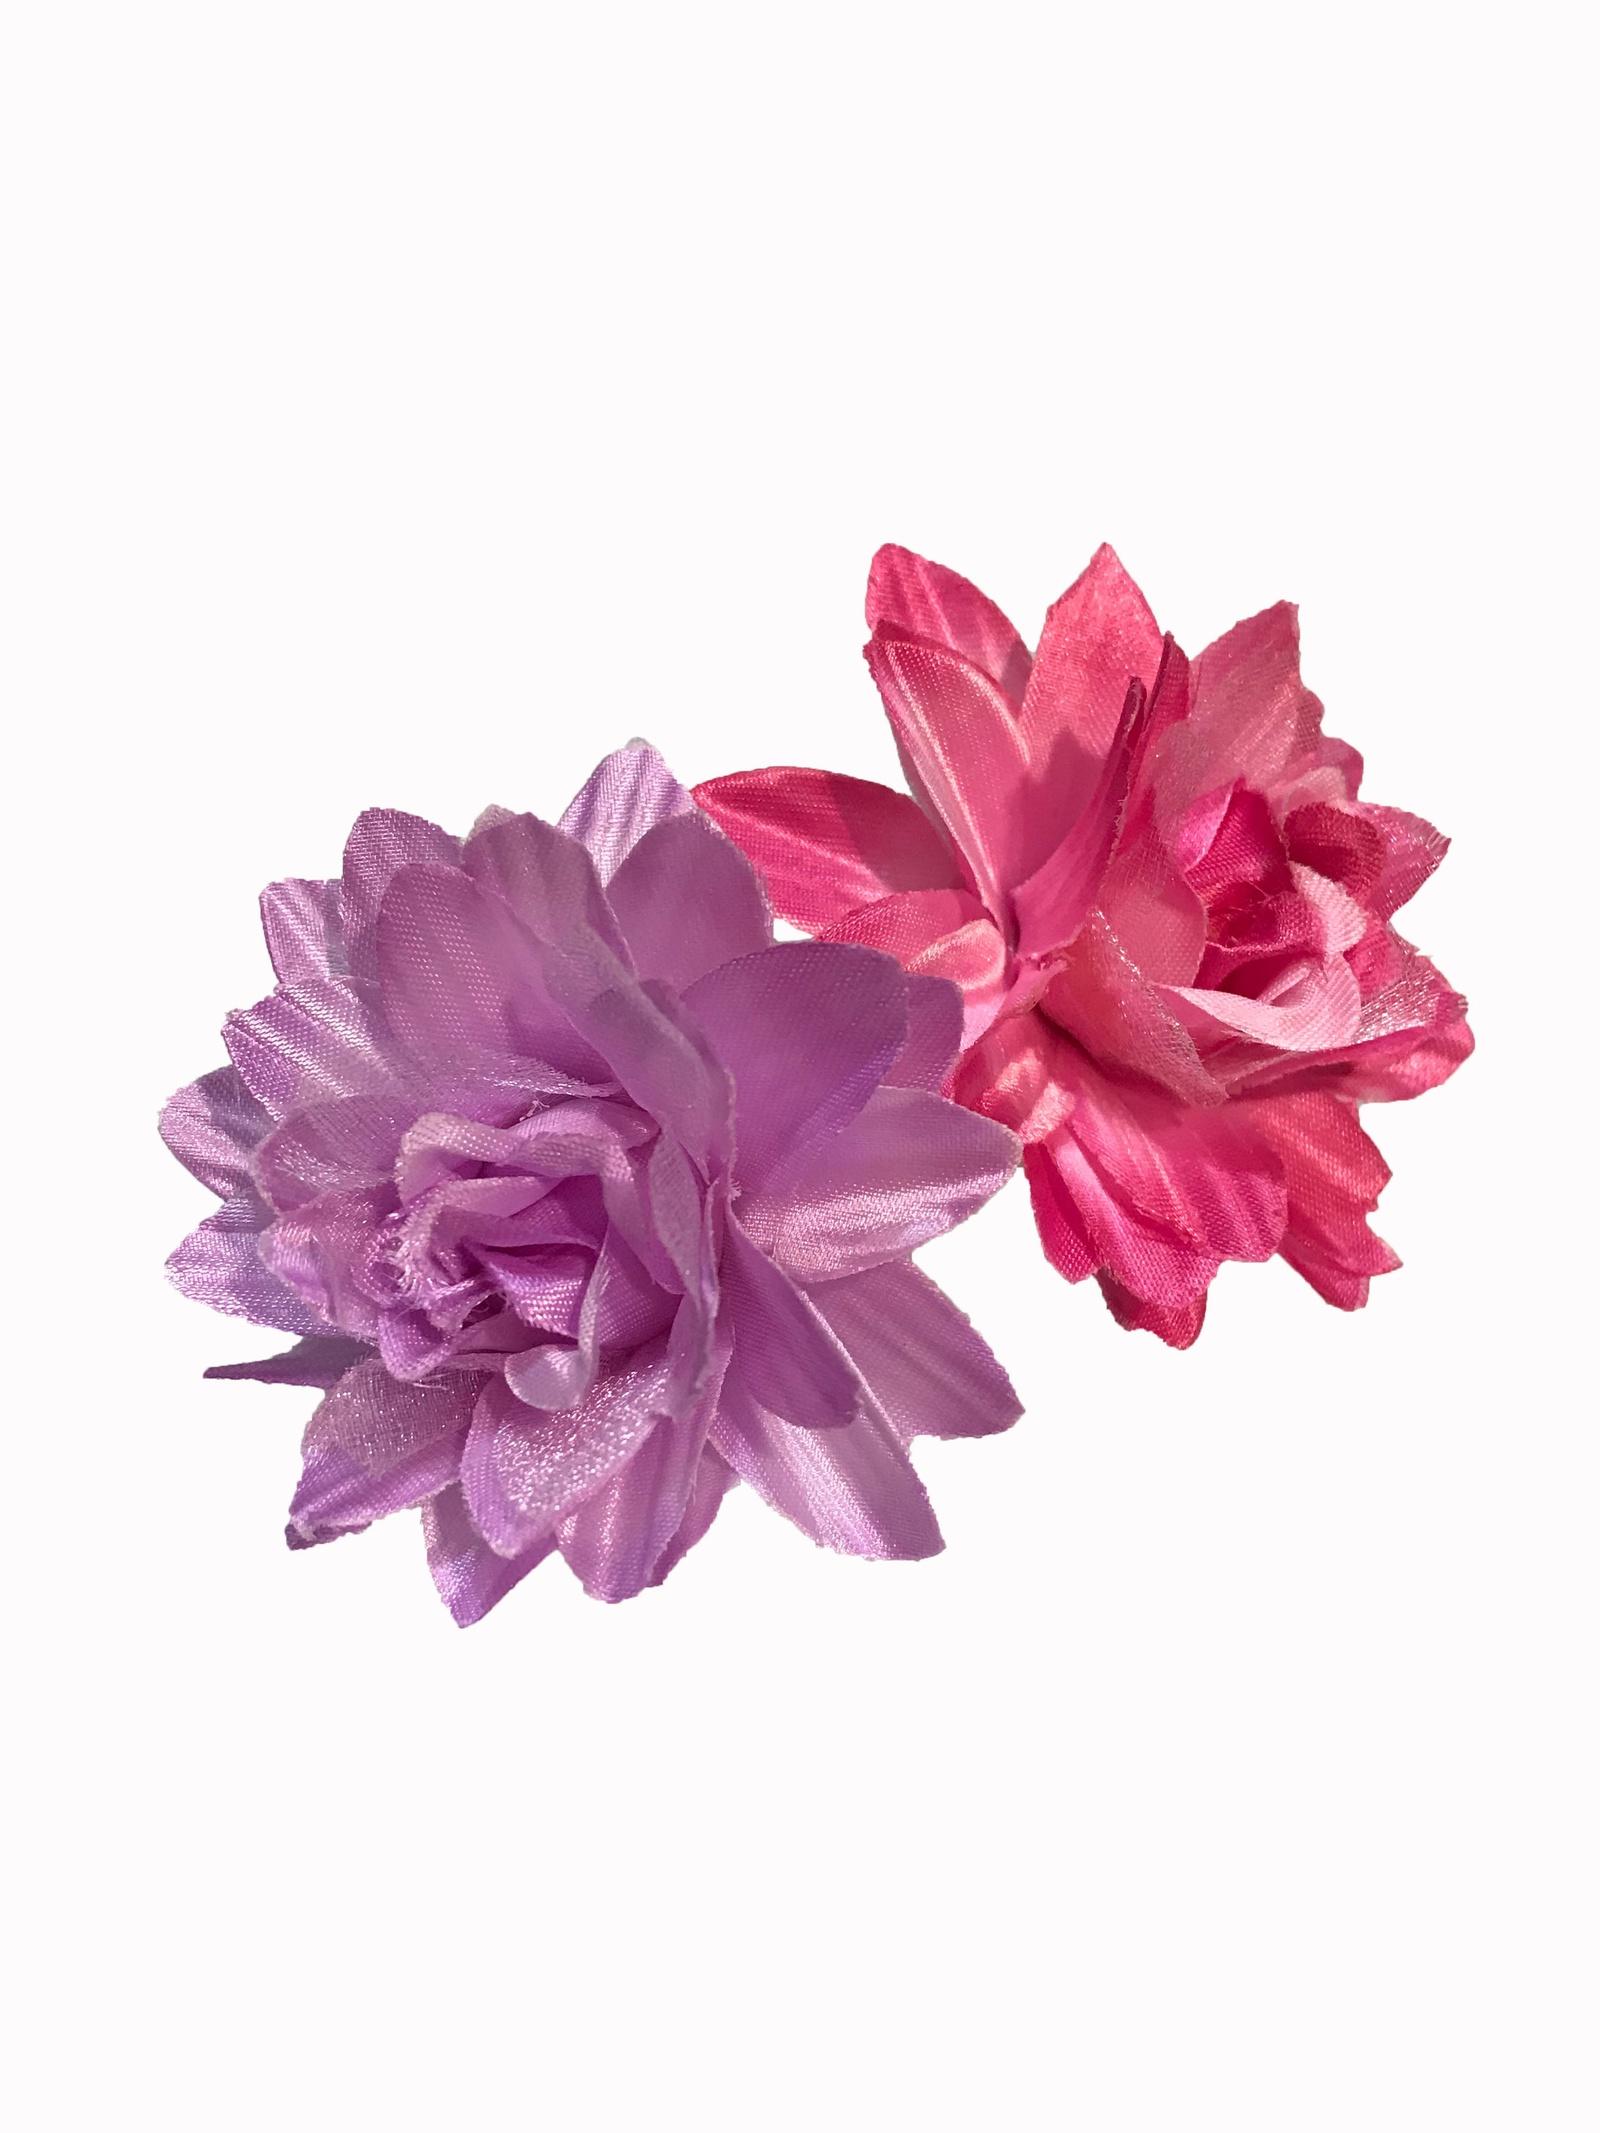 Резинка для волос Flowerstyle Набор резинок для волос Хризантемы, розовый, сиреневый набор резинок для волос power